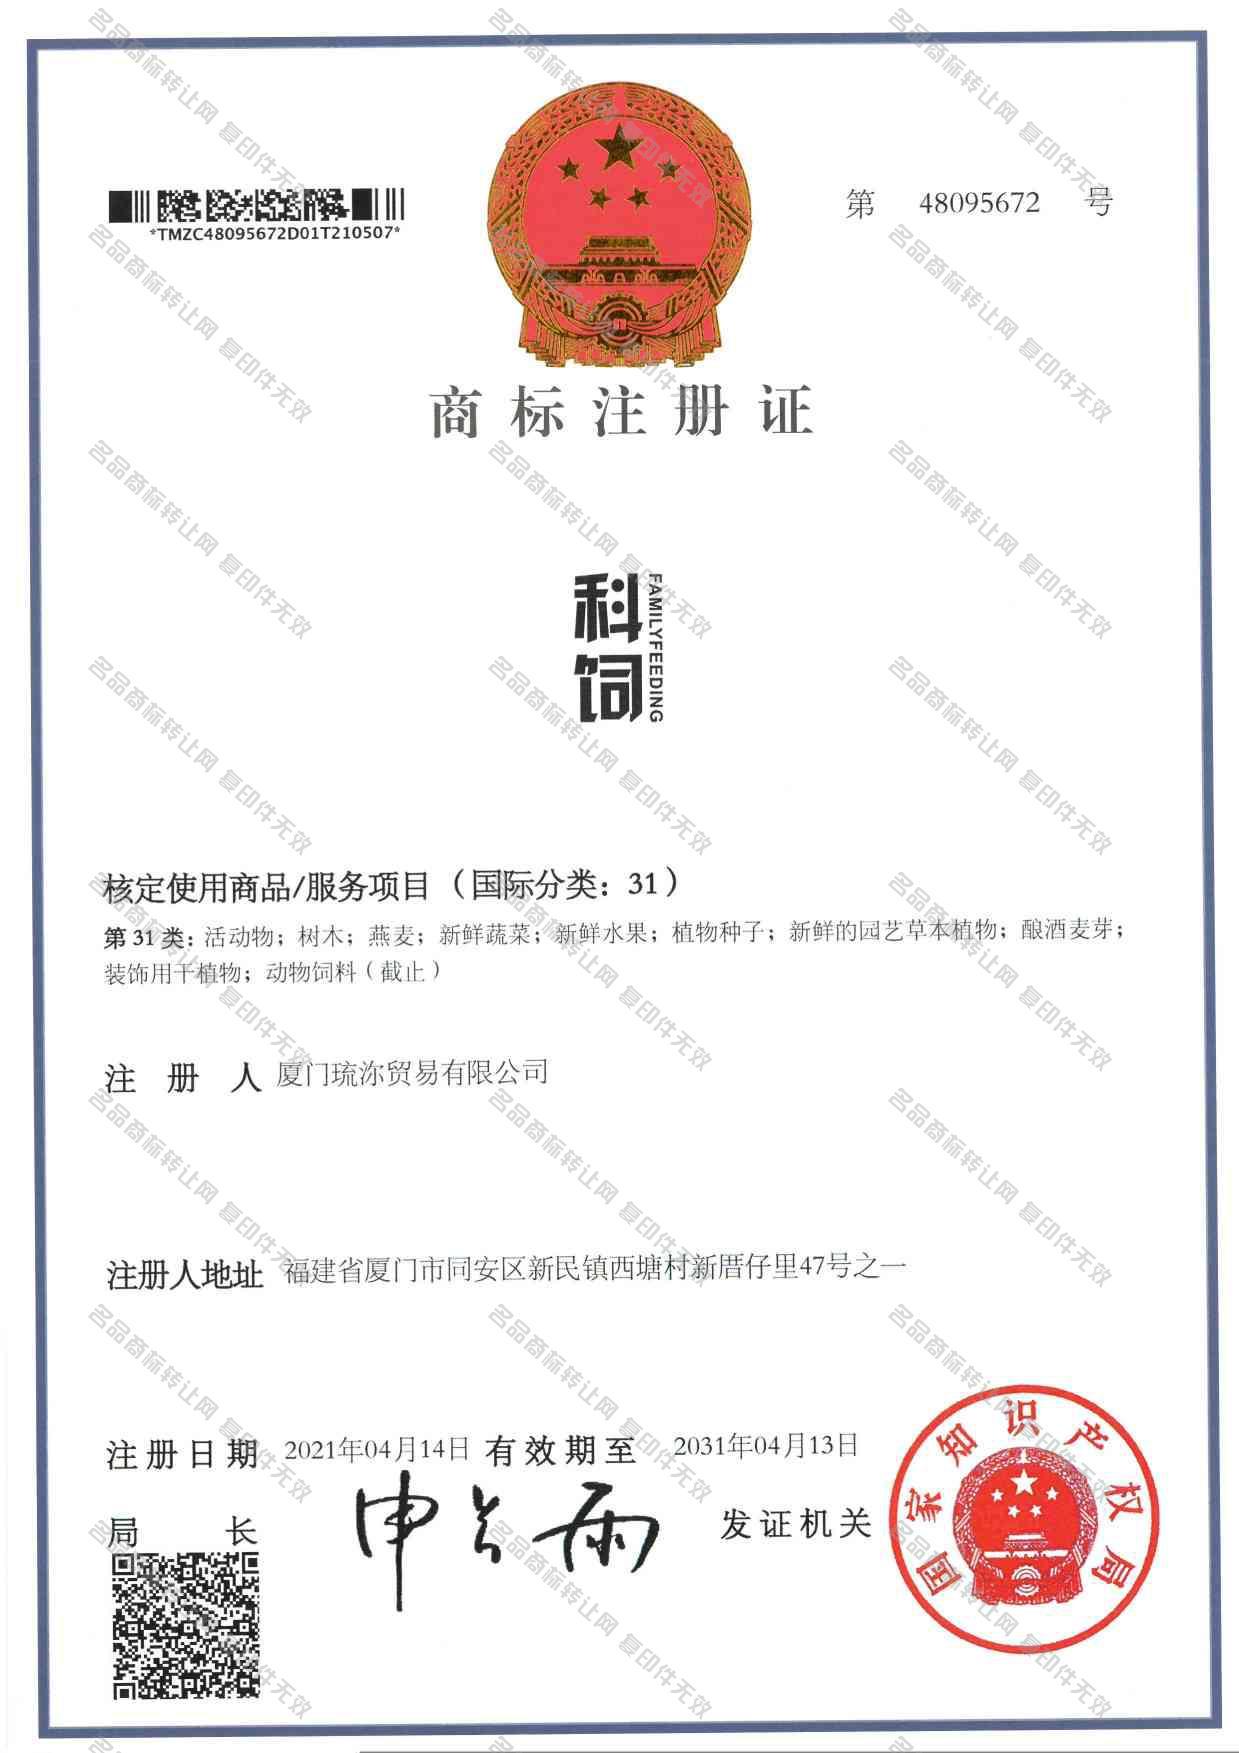 科饲 FAMILYFEEDING注册证